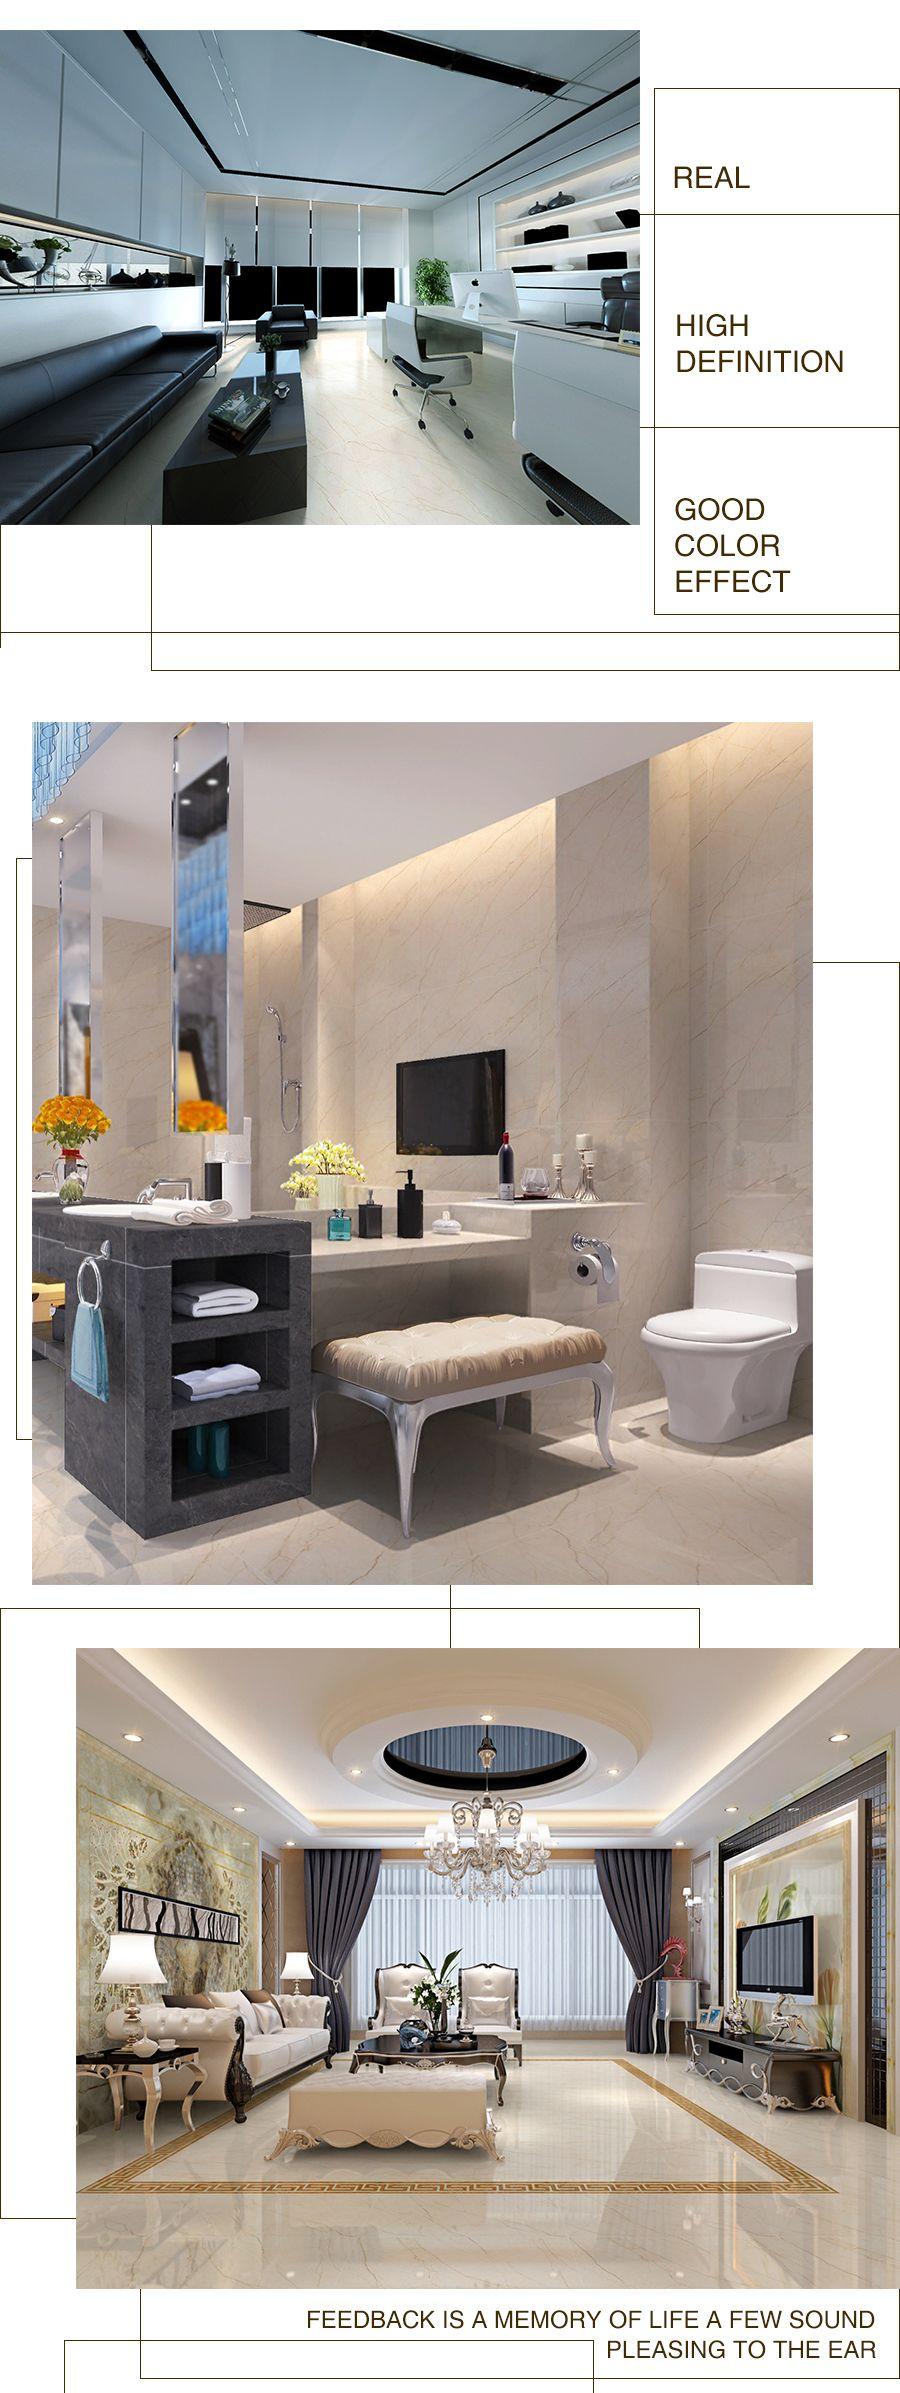 fliesen dicke finest fr innen und auen with fliesen dicke simple osbjpg with fliesen dicke. Black Bedroom Furniture Sets. Home Design Ideas